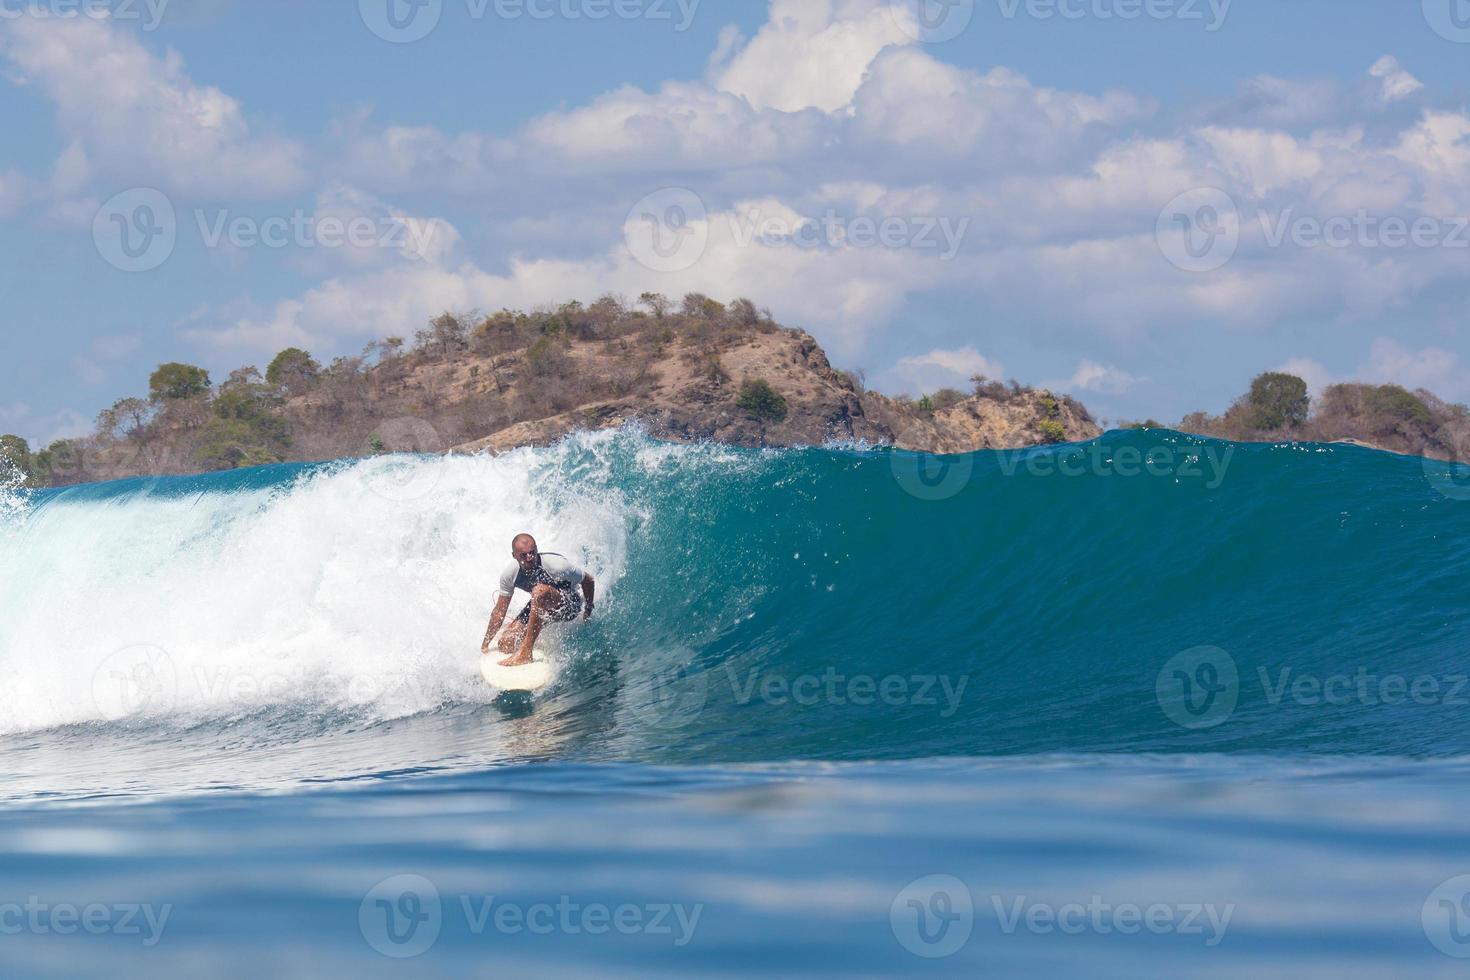 navigare un'onda. foto